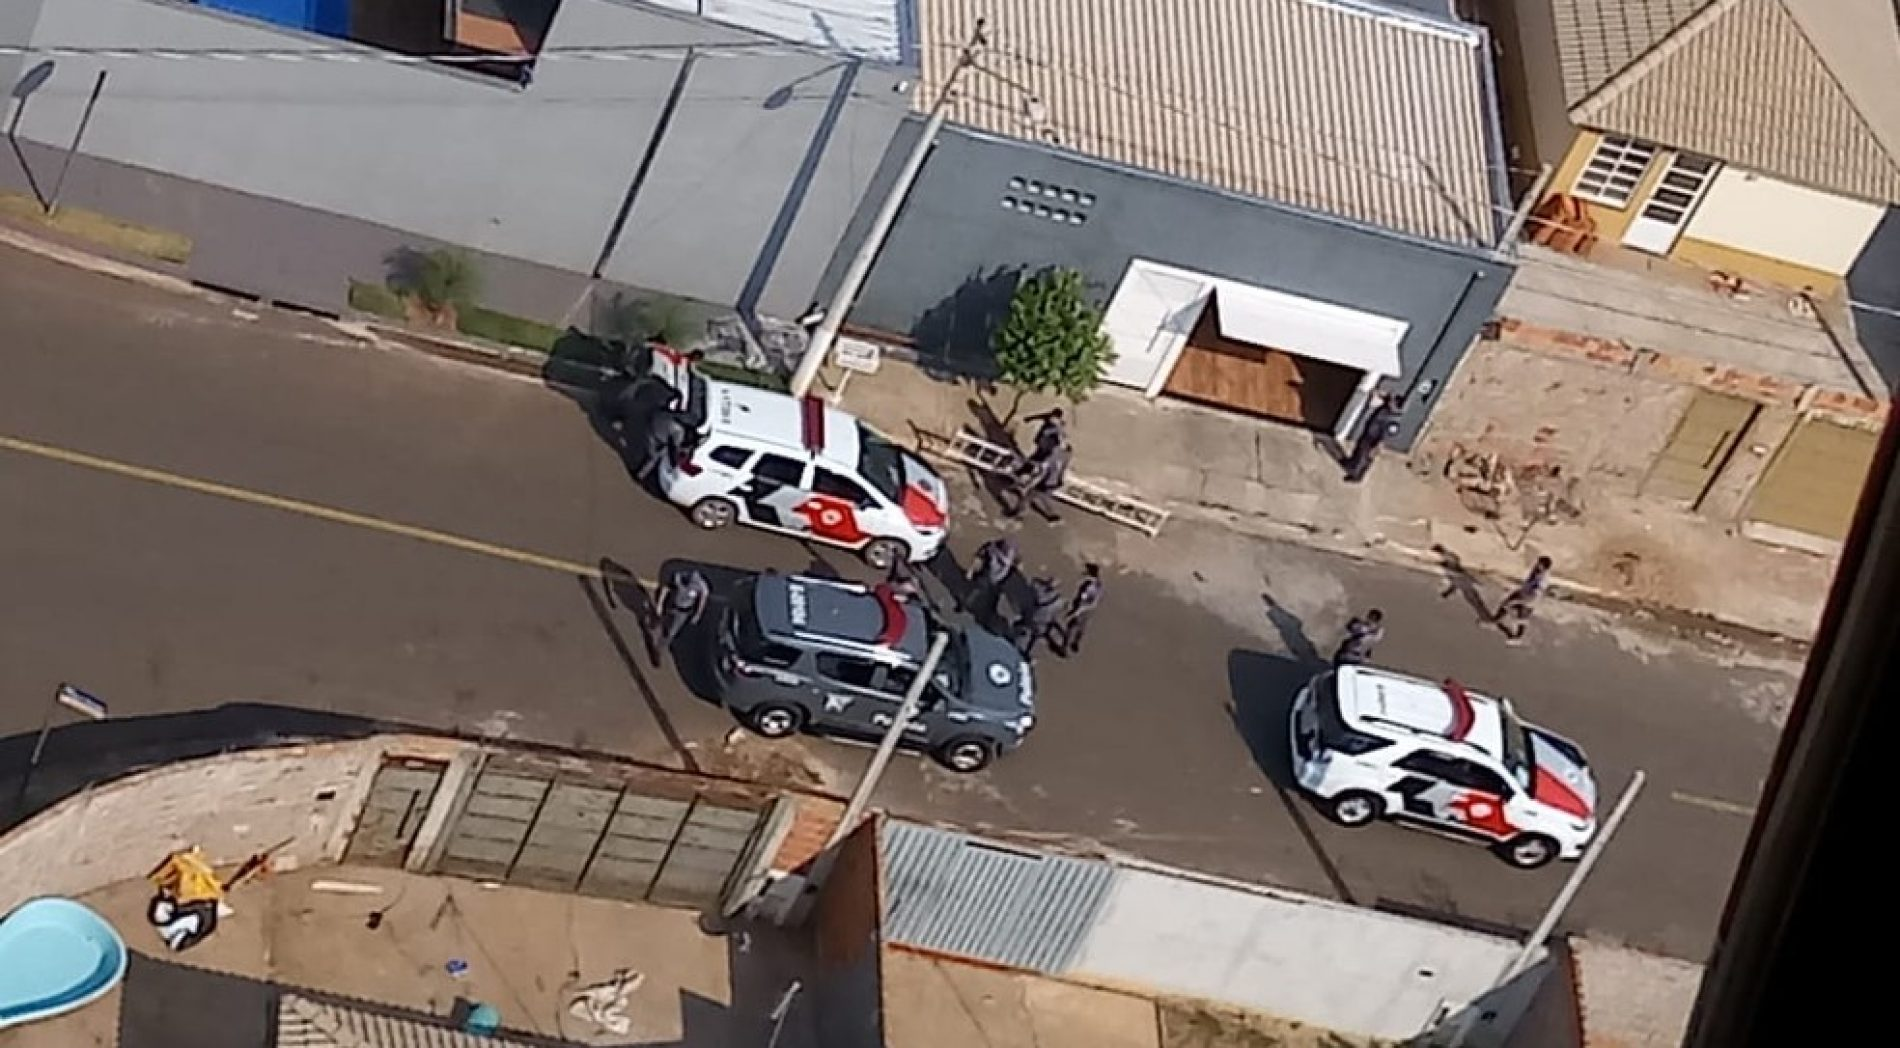 REGIÃO: Adolescentes furtam carro e são detidos após perseguição policial